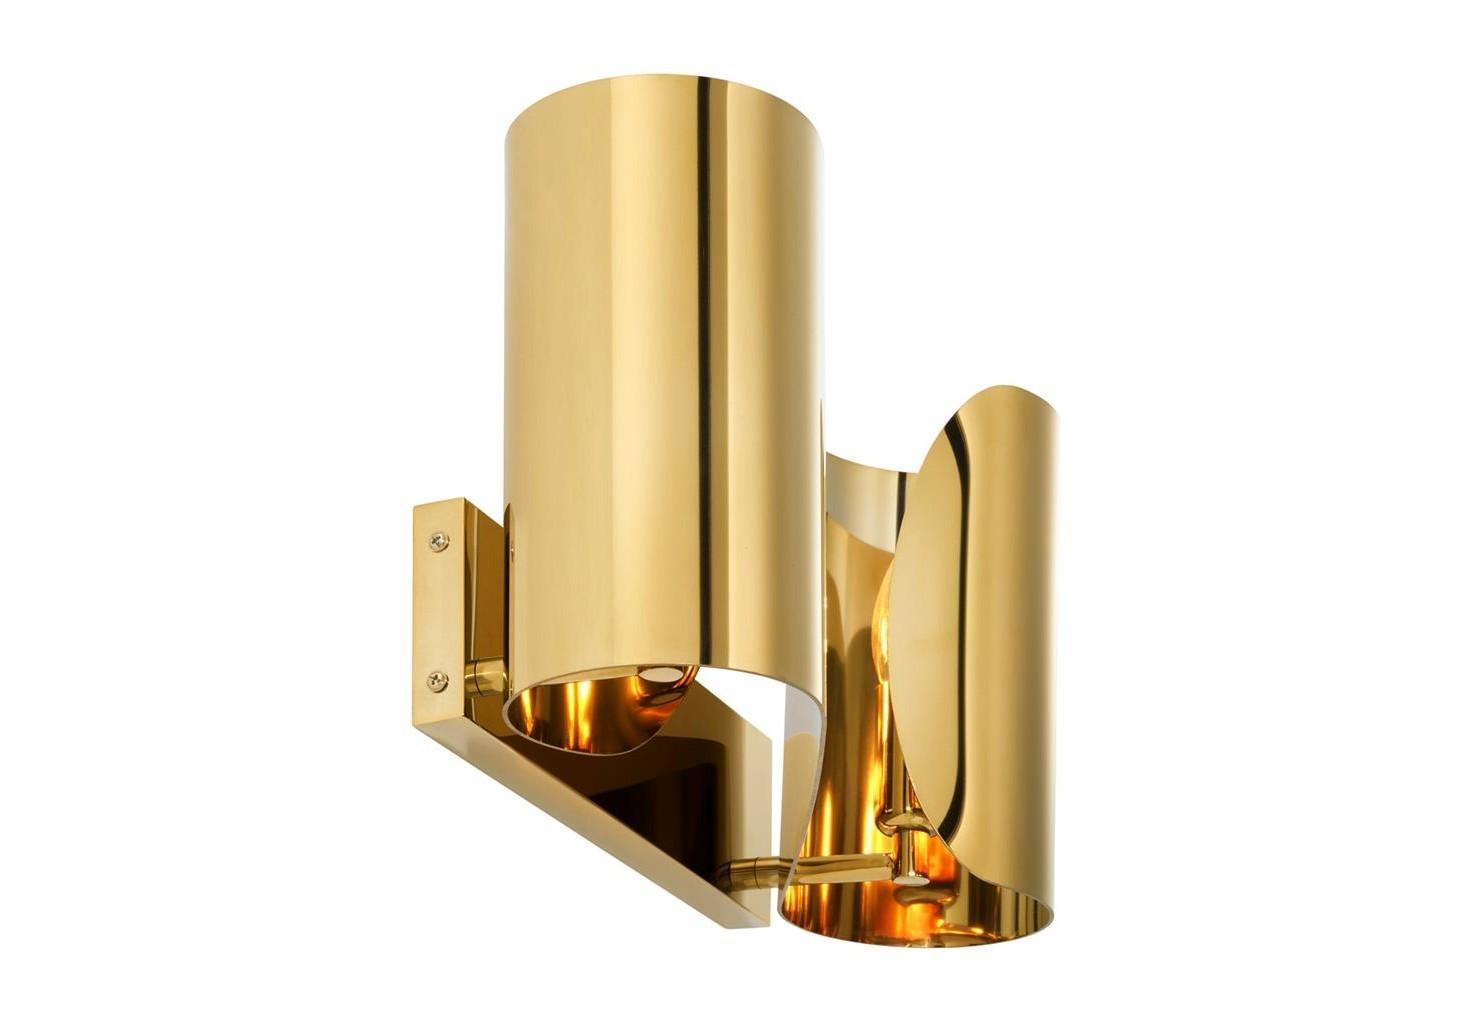 Настенный светильникБра<br>Настенный светильник Wall Lamp Crawley выполнен из металла золотого цвета.&amp;lt;div&amp;gt;&amp;lt;br&amp;gt;&amp;lt;/div&amp;gt;&amp;lt;div&amp;gt;&amp;lt;div&amp;gt;Тип цоколя: E14&amp;lt;/div&amp;gt;&amp;lt;div&amp;gt;Мощность: 40W&amp;lt;/div&amp;gt;&amp;lt;div&amp;gt;Кол-во ламп: 2 (нет в комплекте)&amp;lt;/div&amp;gt;&amp;lt;/div&amp;gt;<br><br>Material: Металл